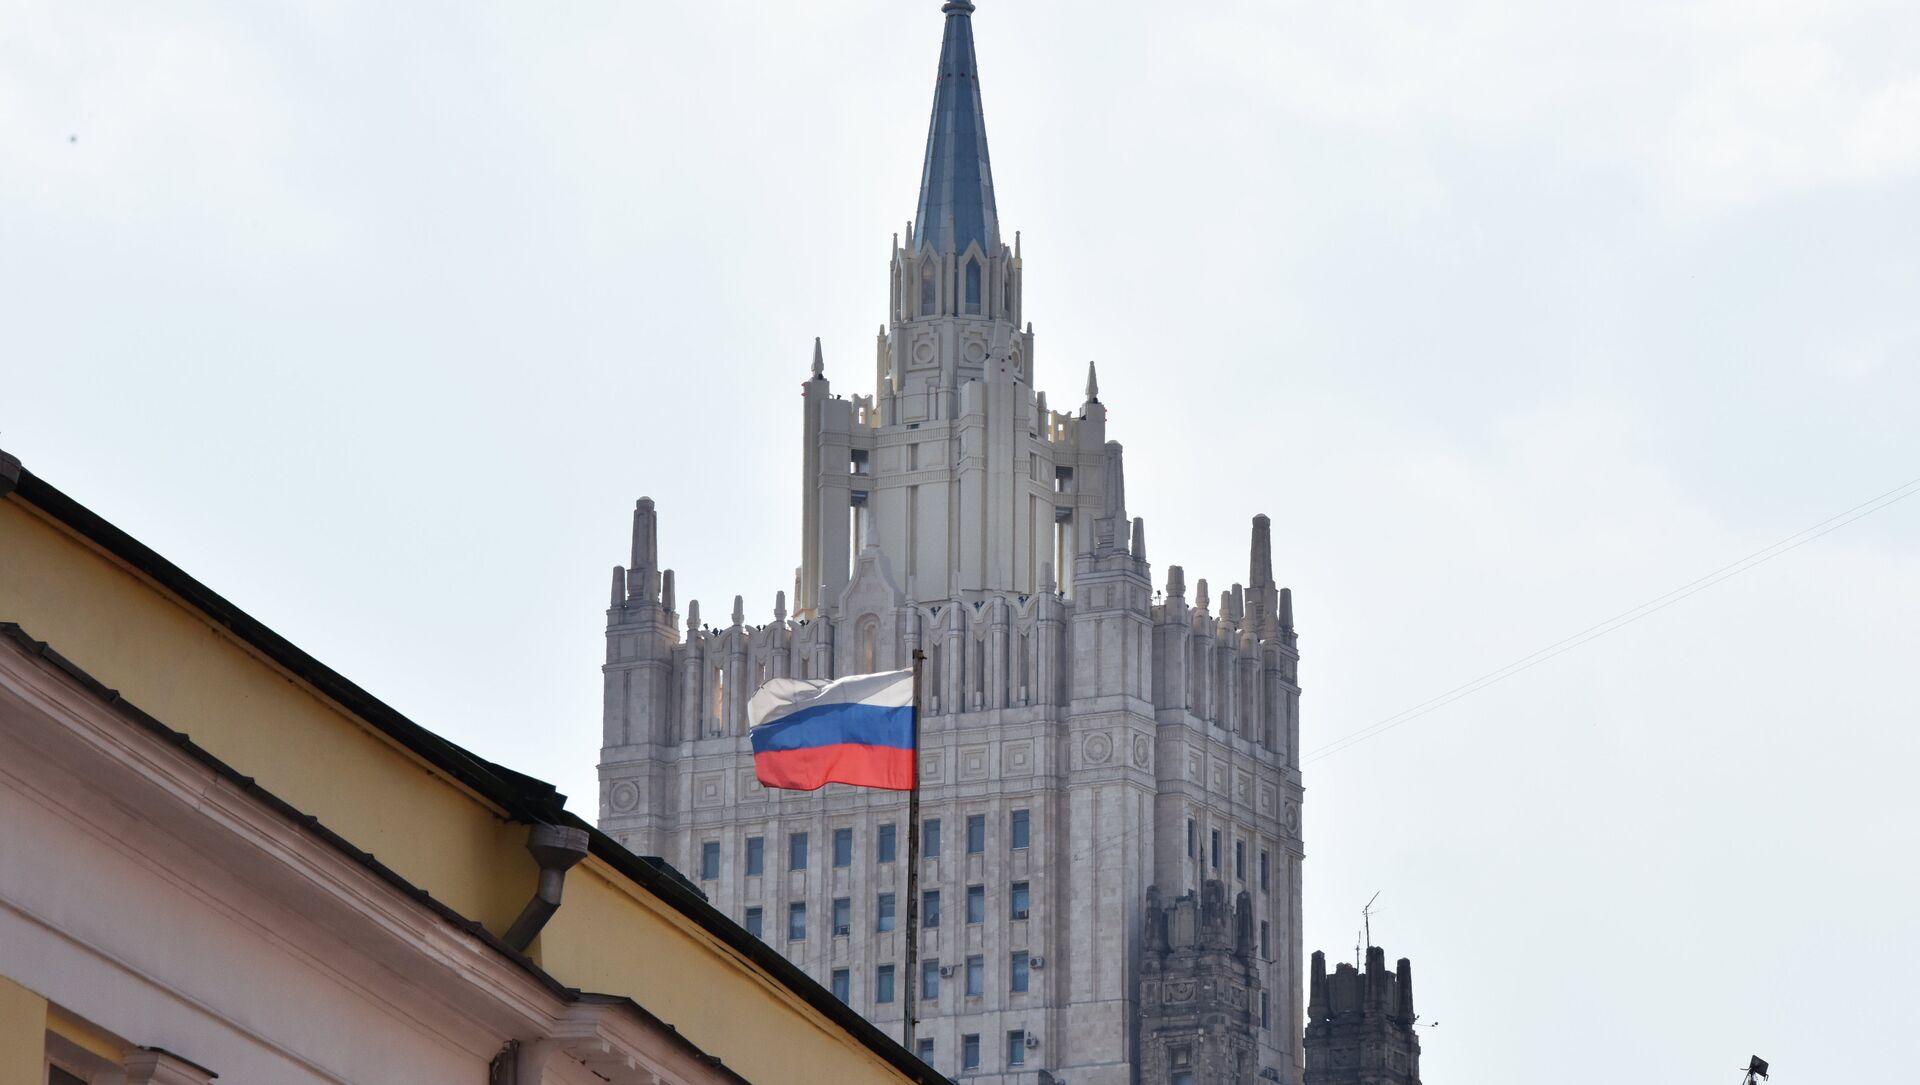 ロシア外務省 - Sputnik 日本, 1920, 29.09.2021